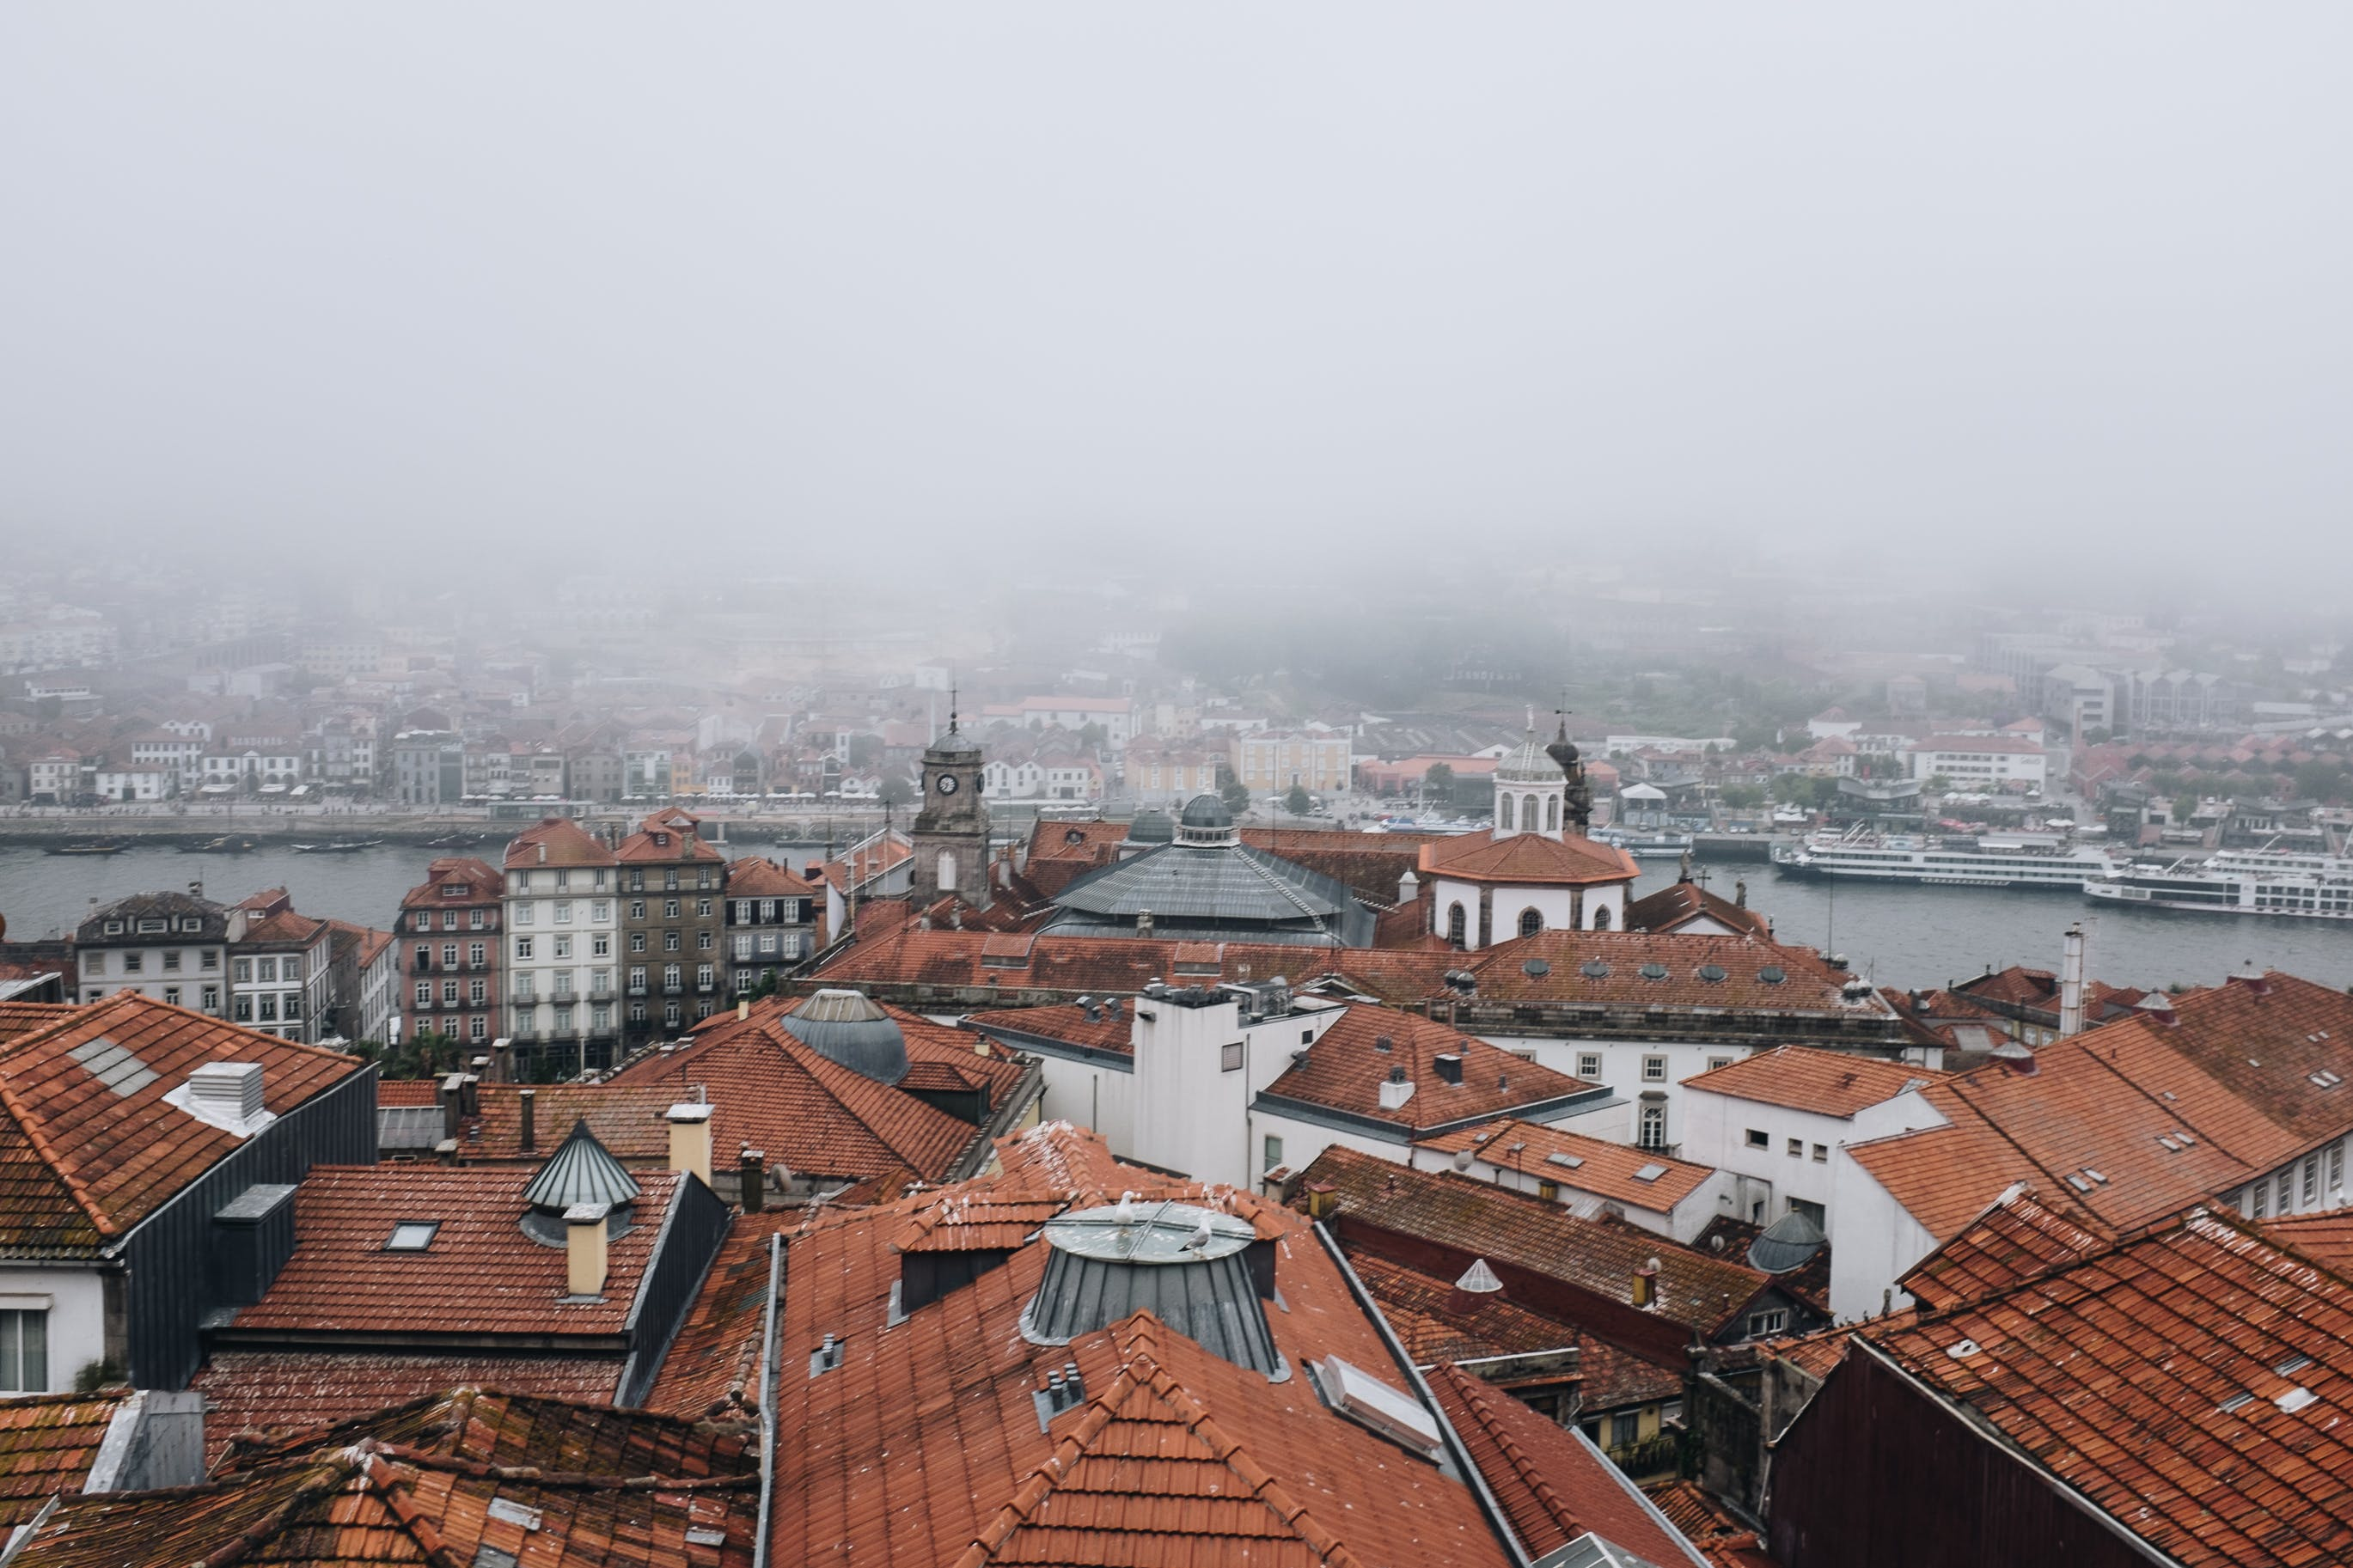 binalar, çatılar, evler, görmek içeren Ücretsiz stok fotoğraf